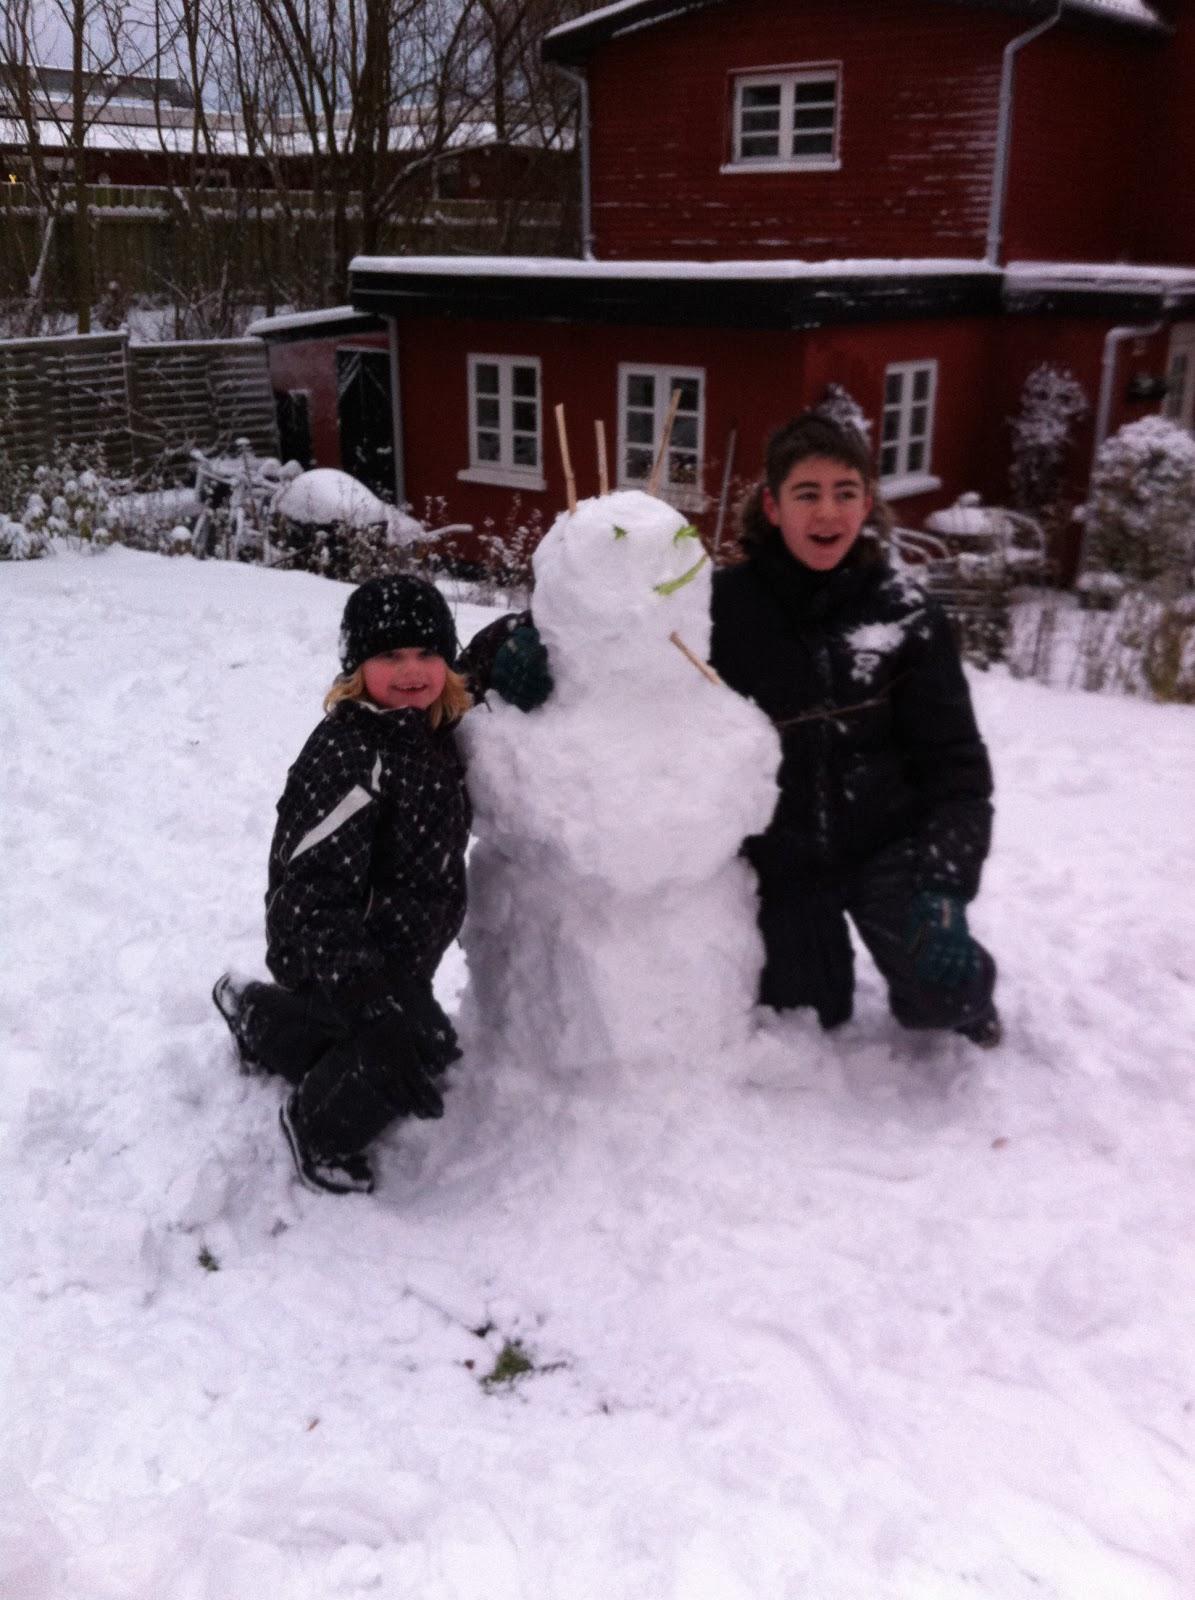 Sinding strik: sne,sne og hygge